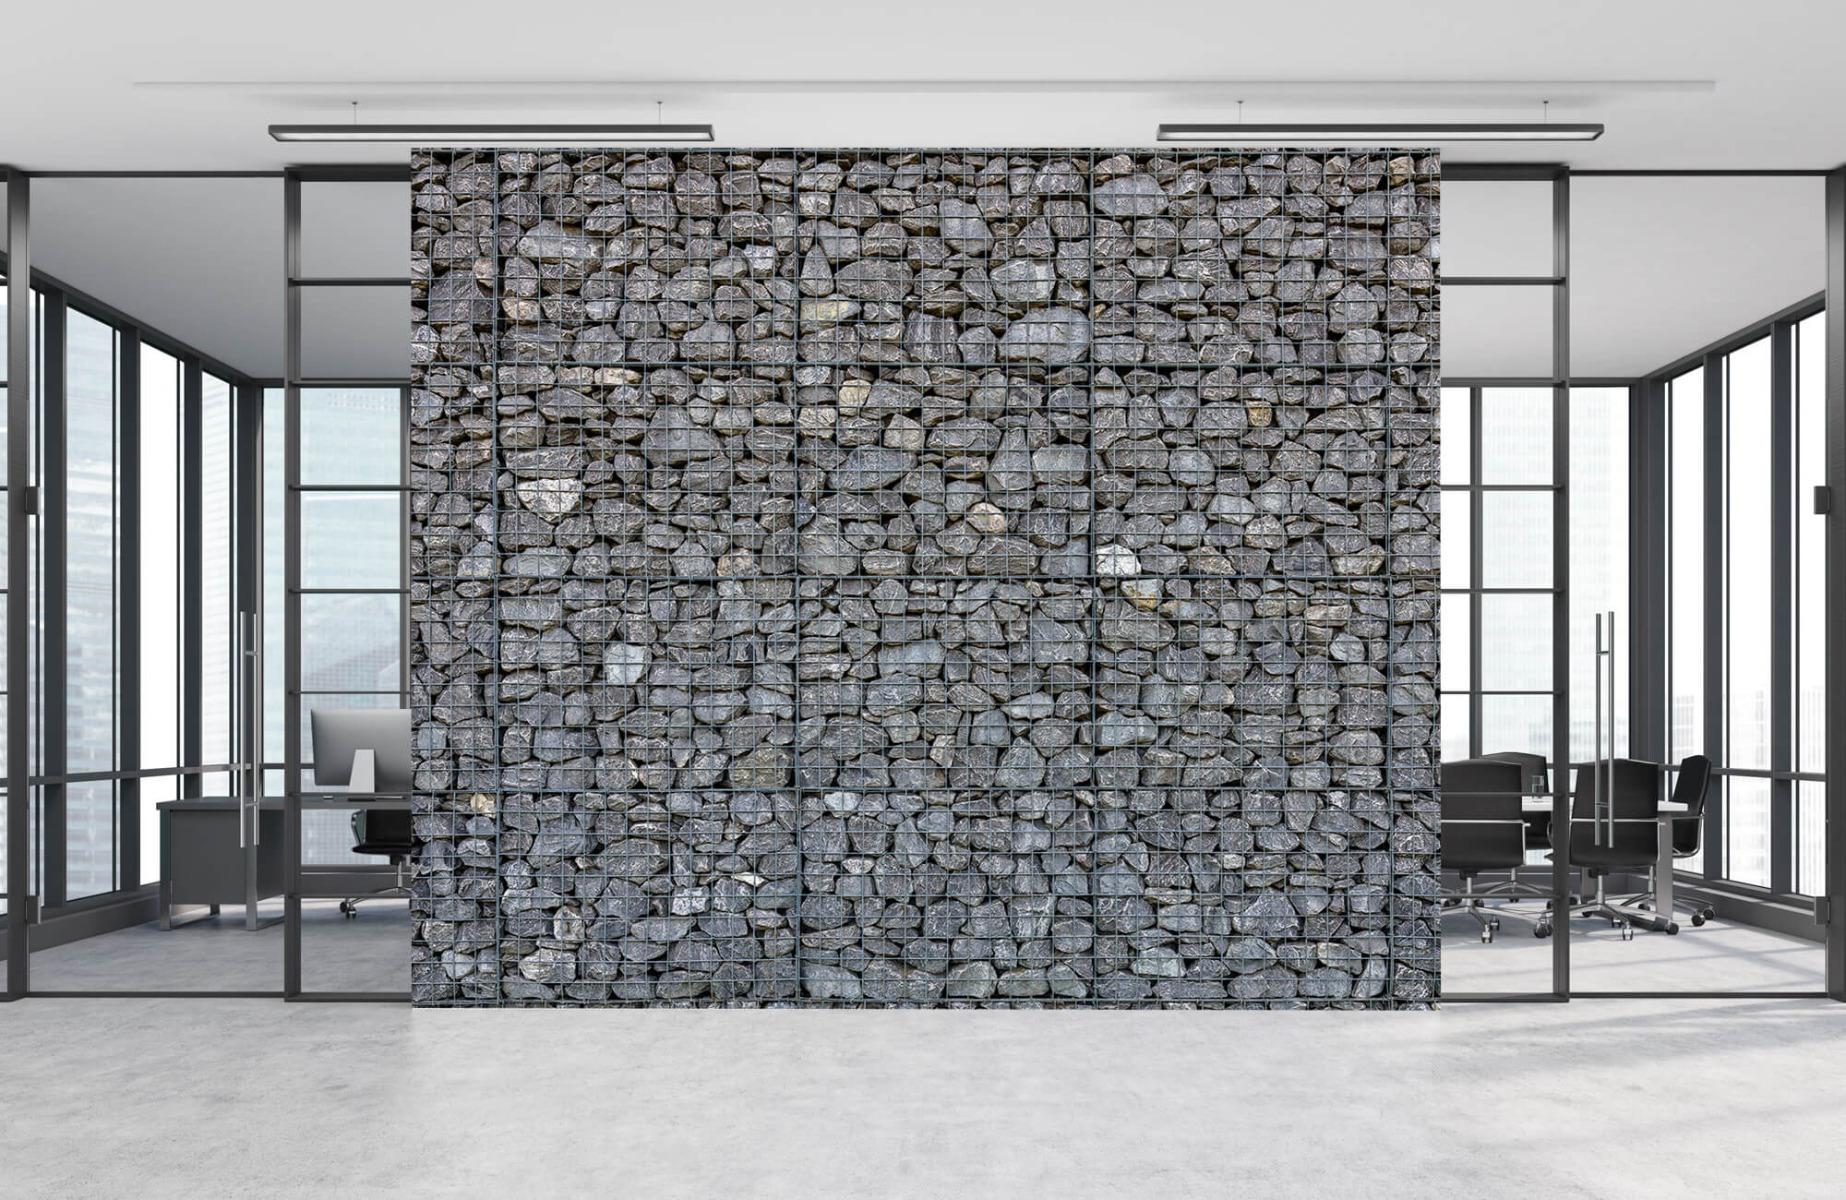 Steen behang - Steenkorf - Wallexclusive - Slaapkamer 8